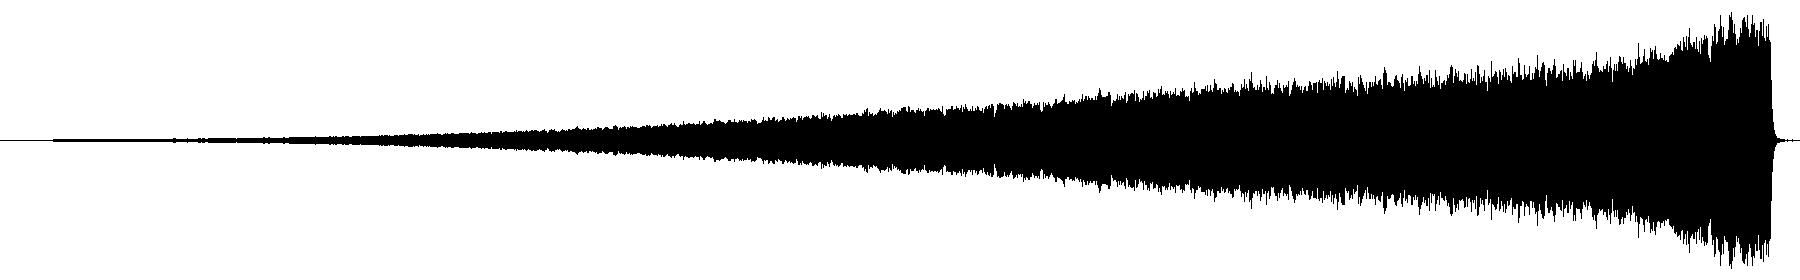 veh3 fx 029